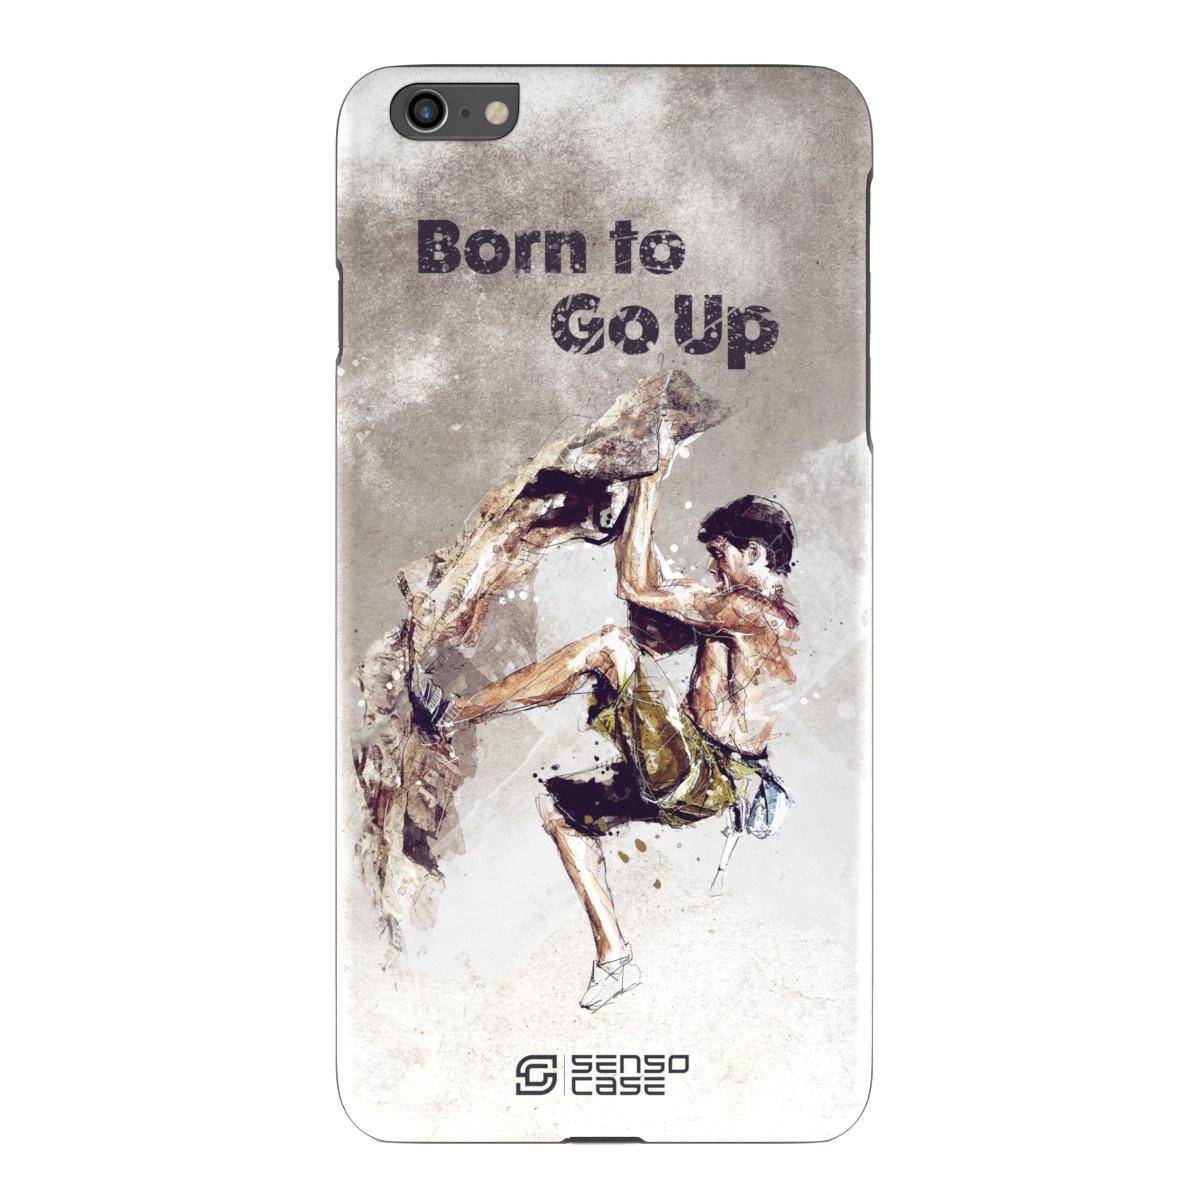 """Чехол для сотового телефона SensoCase iPhone 6/6s Plus """"Скалолазание"""", SC-IP6P-rock-climbing + защитное стекло в подарок, 100112"""